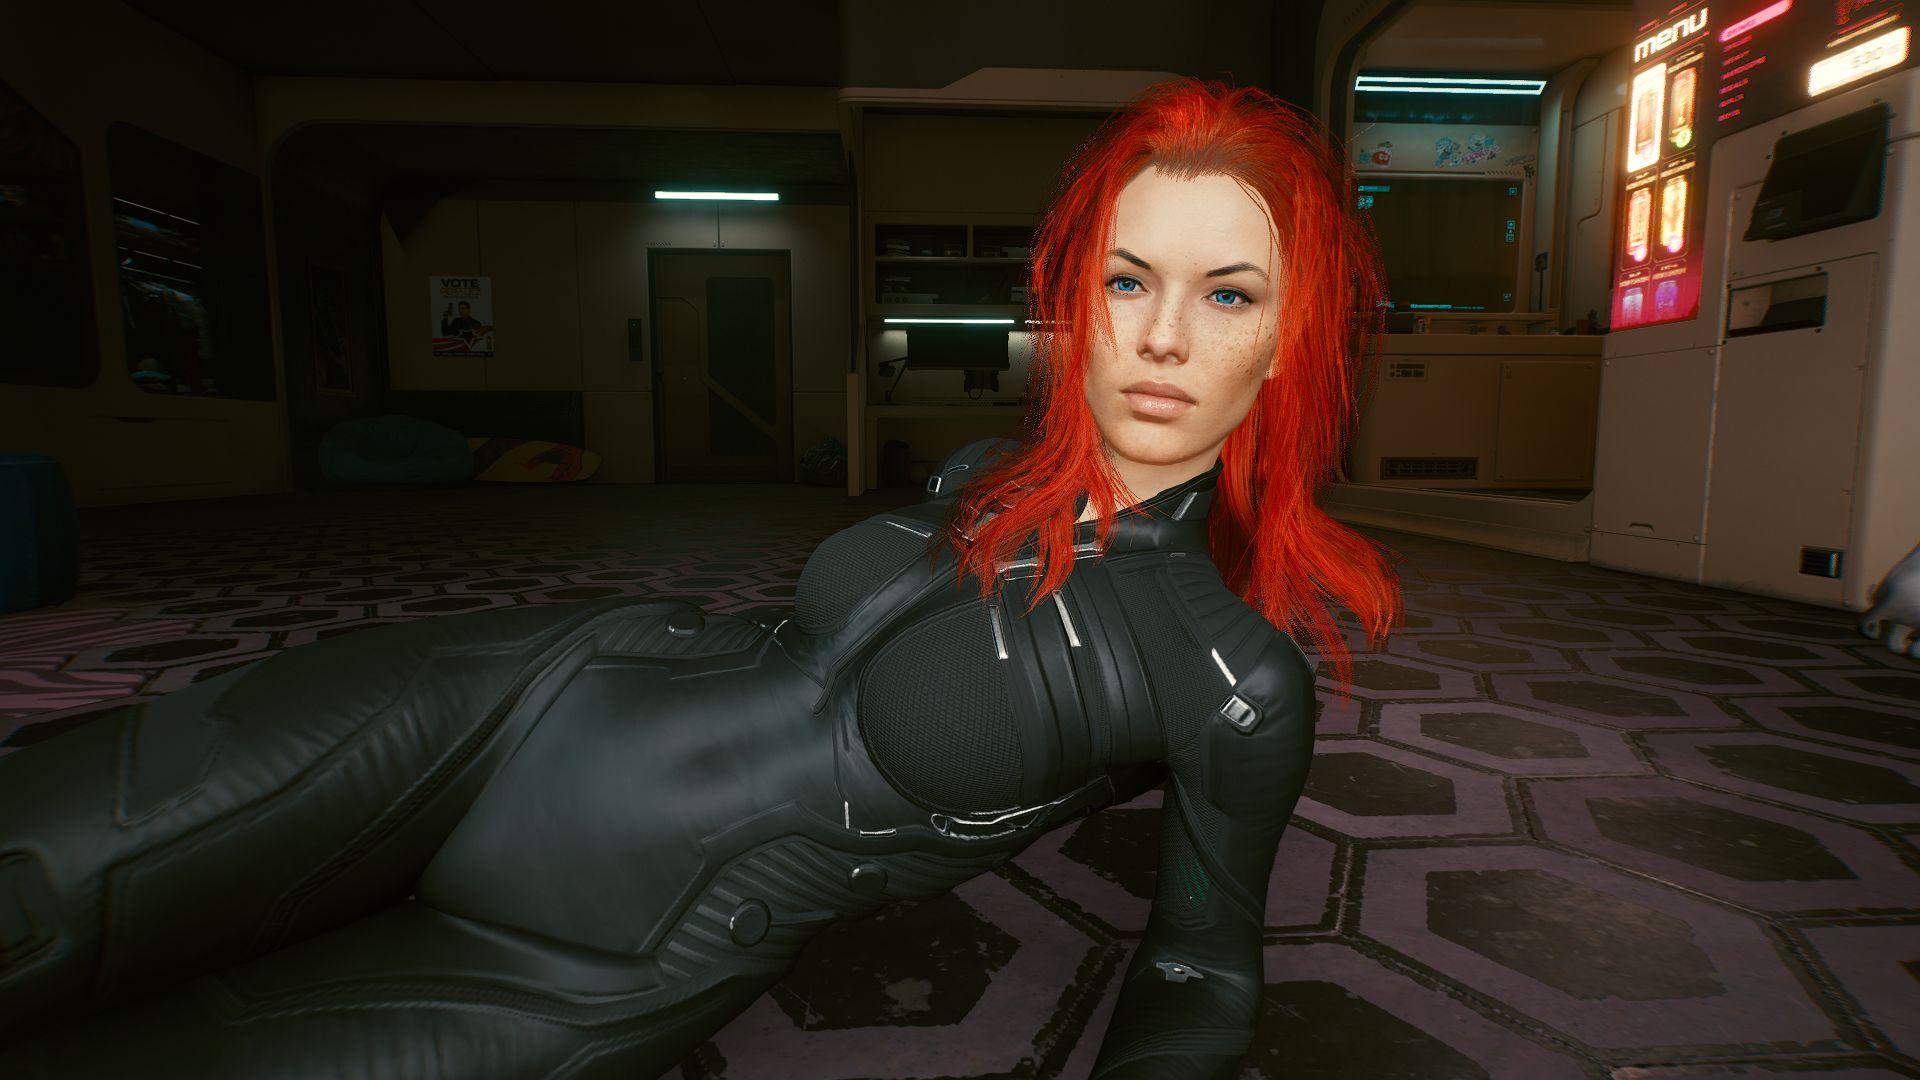 000261.Jpg - Cyberpunk 2077